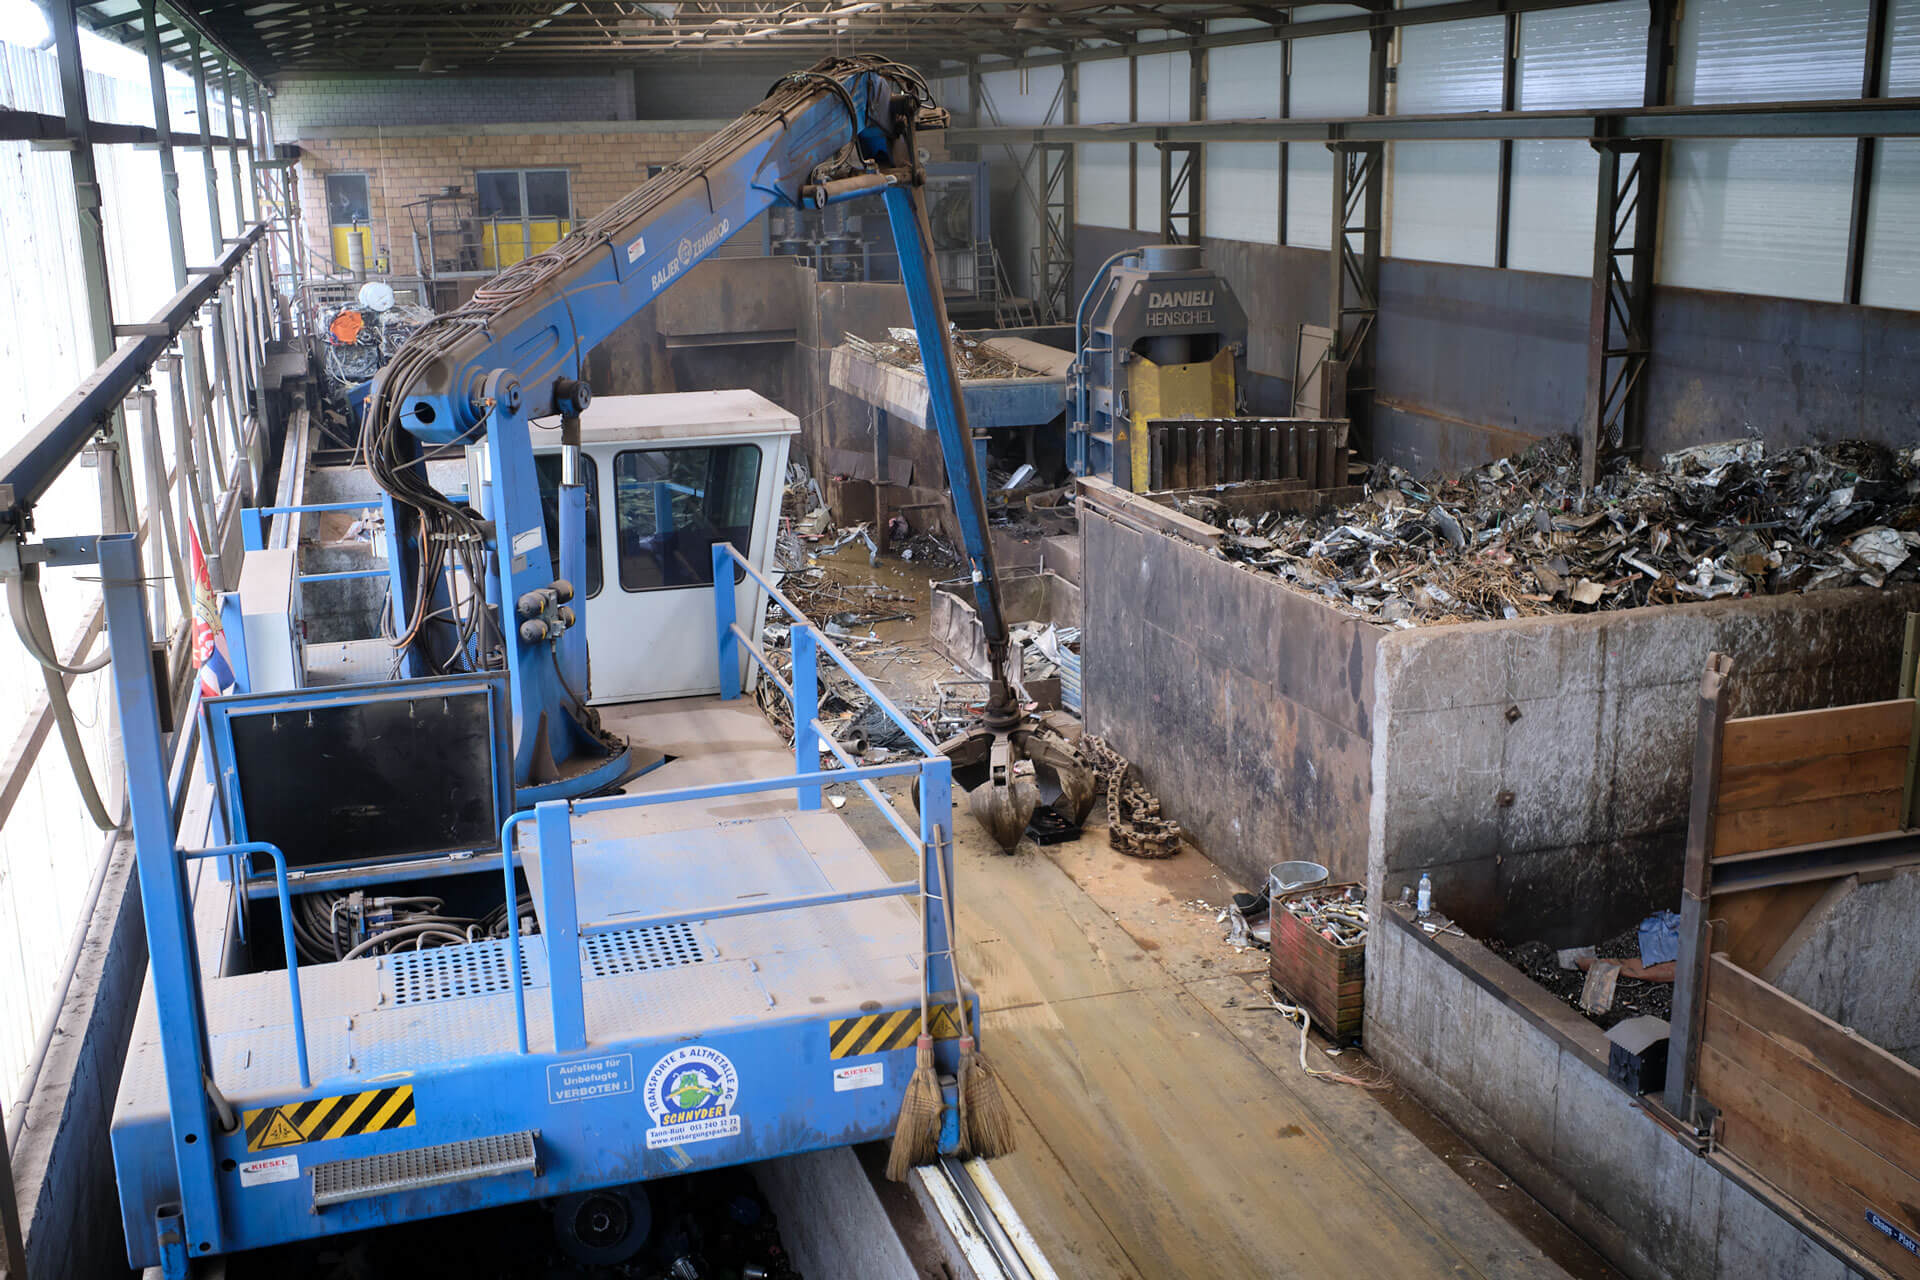 Halle mit Bagger, wo verschiedene Rohstoffe und Altmetalle aussortiert werden.